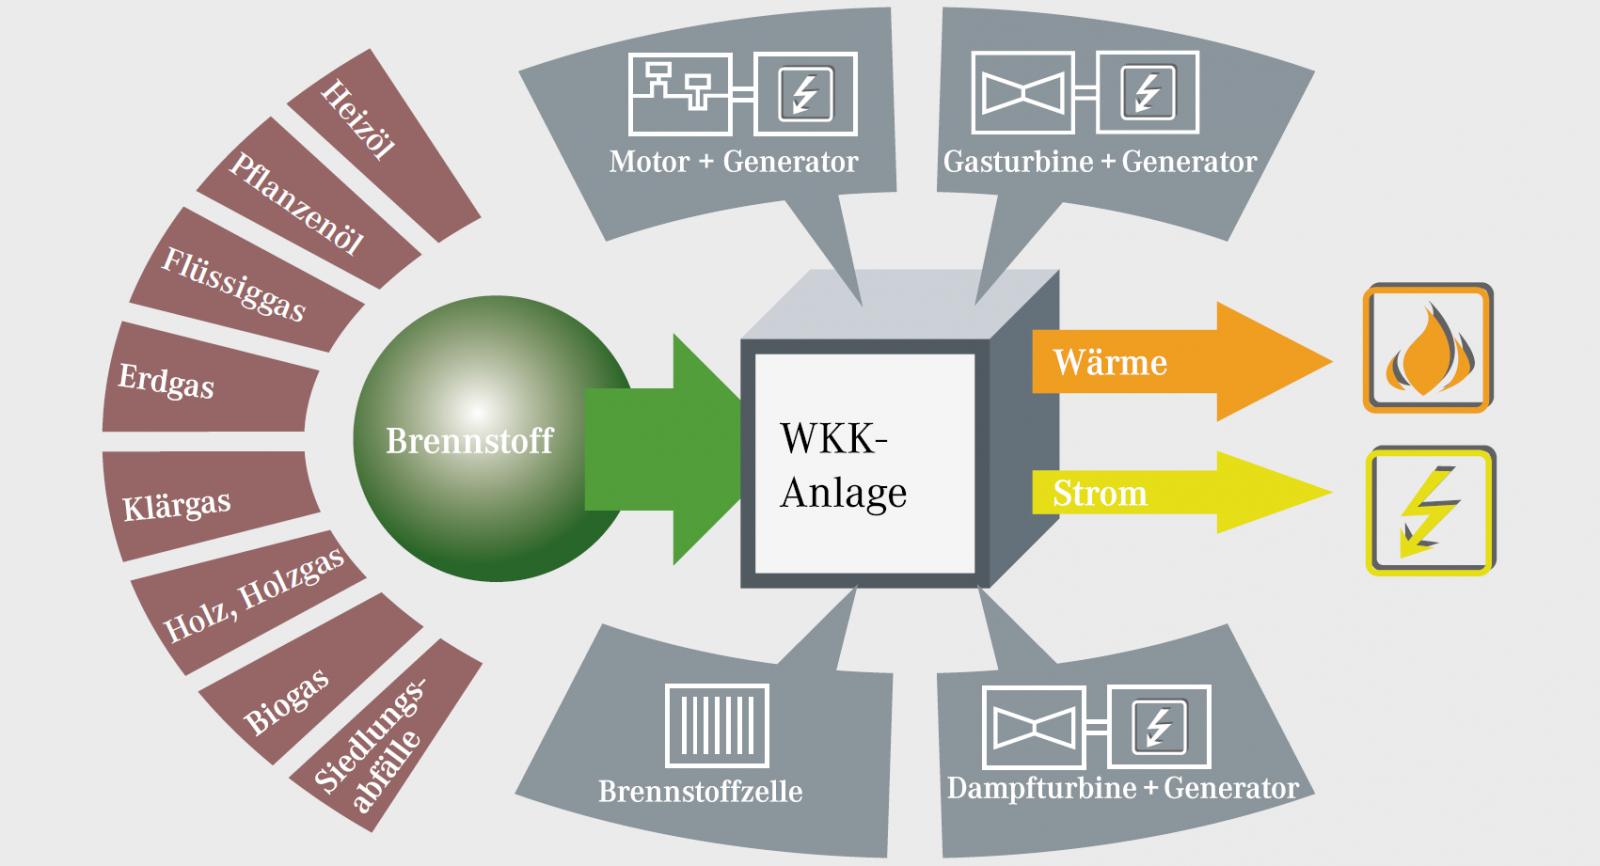 WKK reicht von der Brennstoffzelle bis zur Gas- oder Dampfturbine.